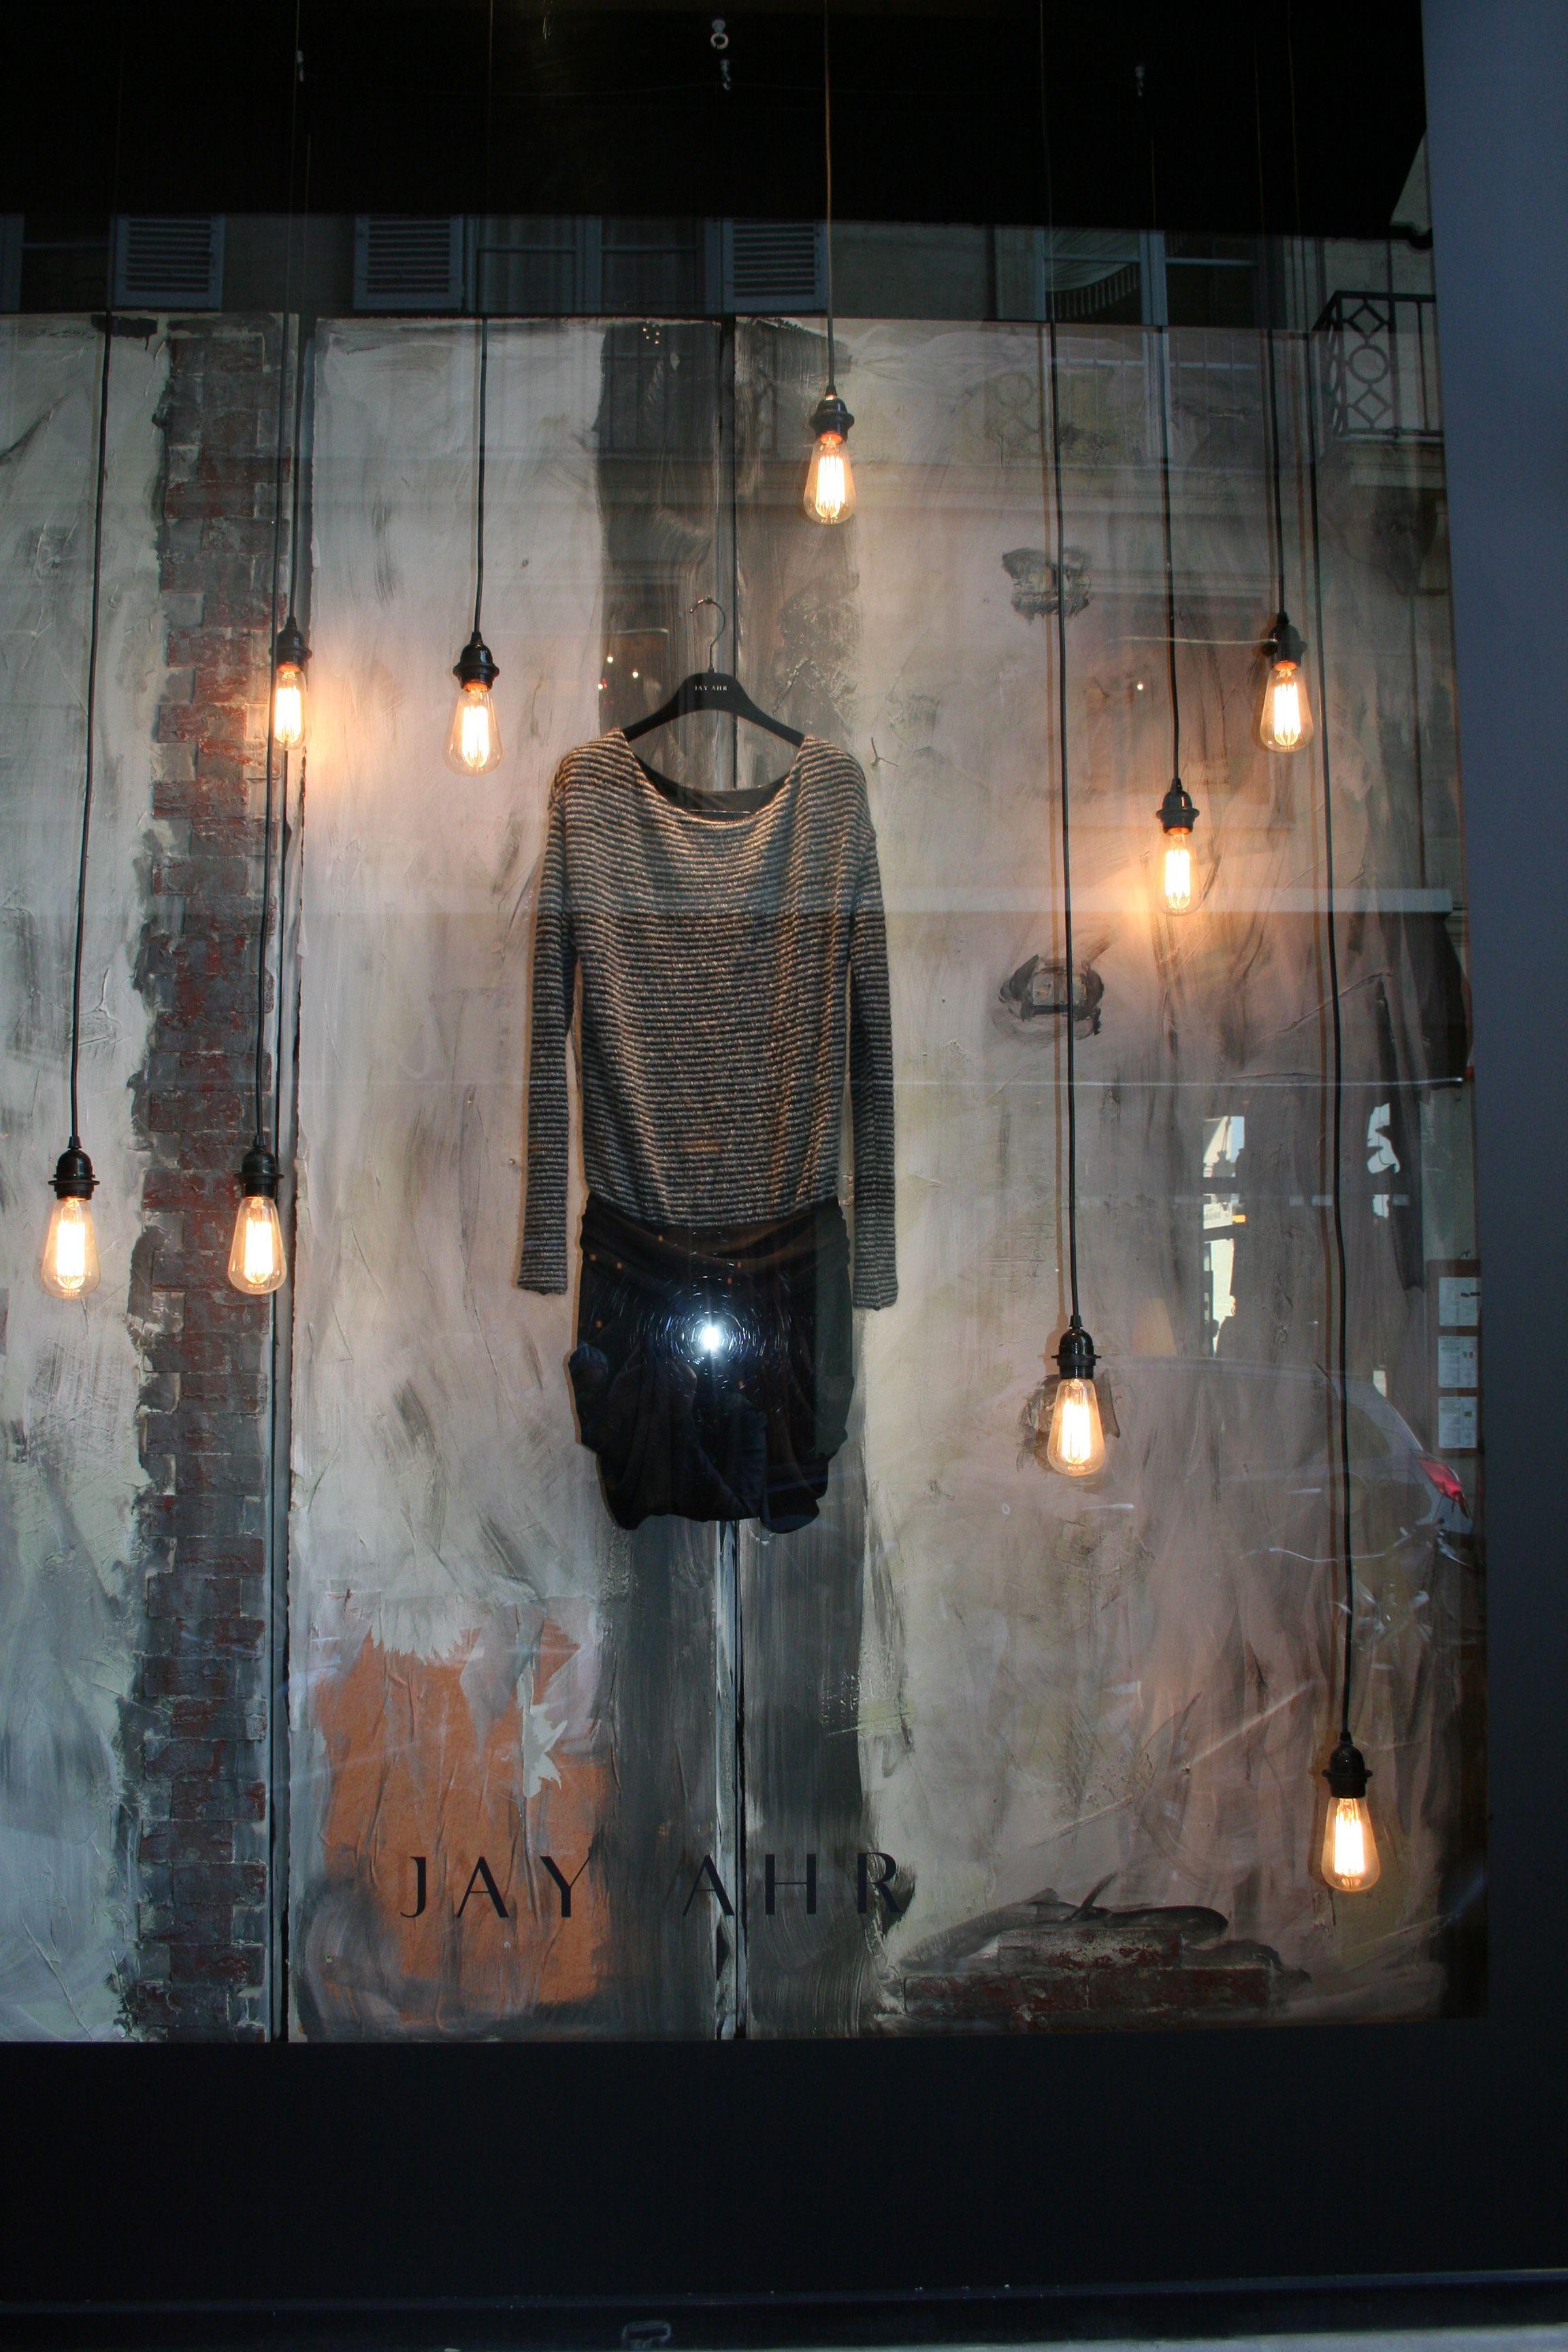 lighting store shop window displays